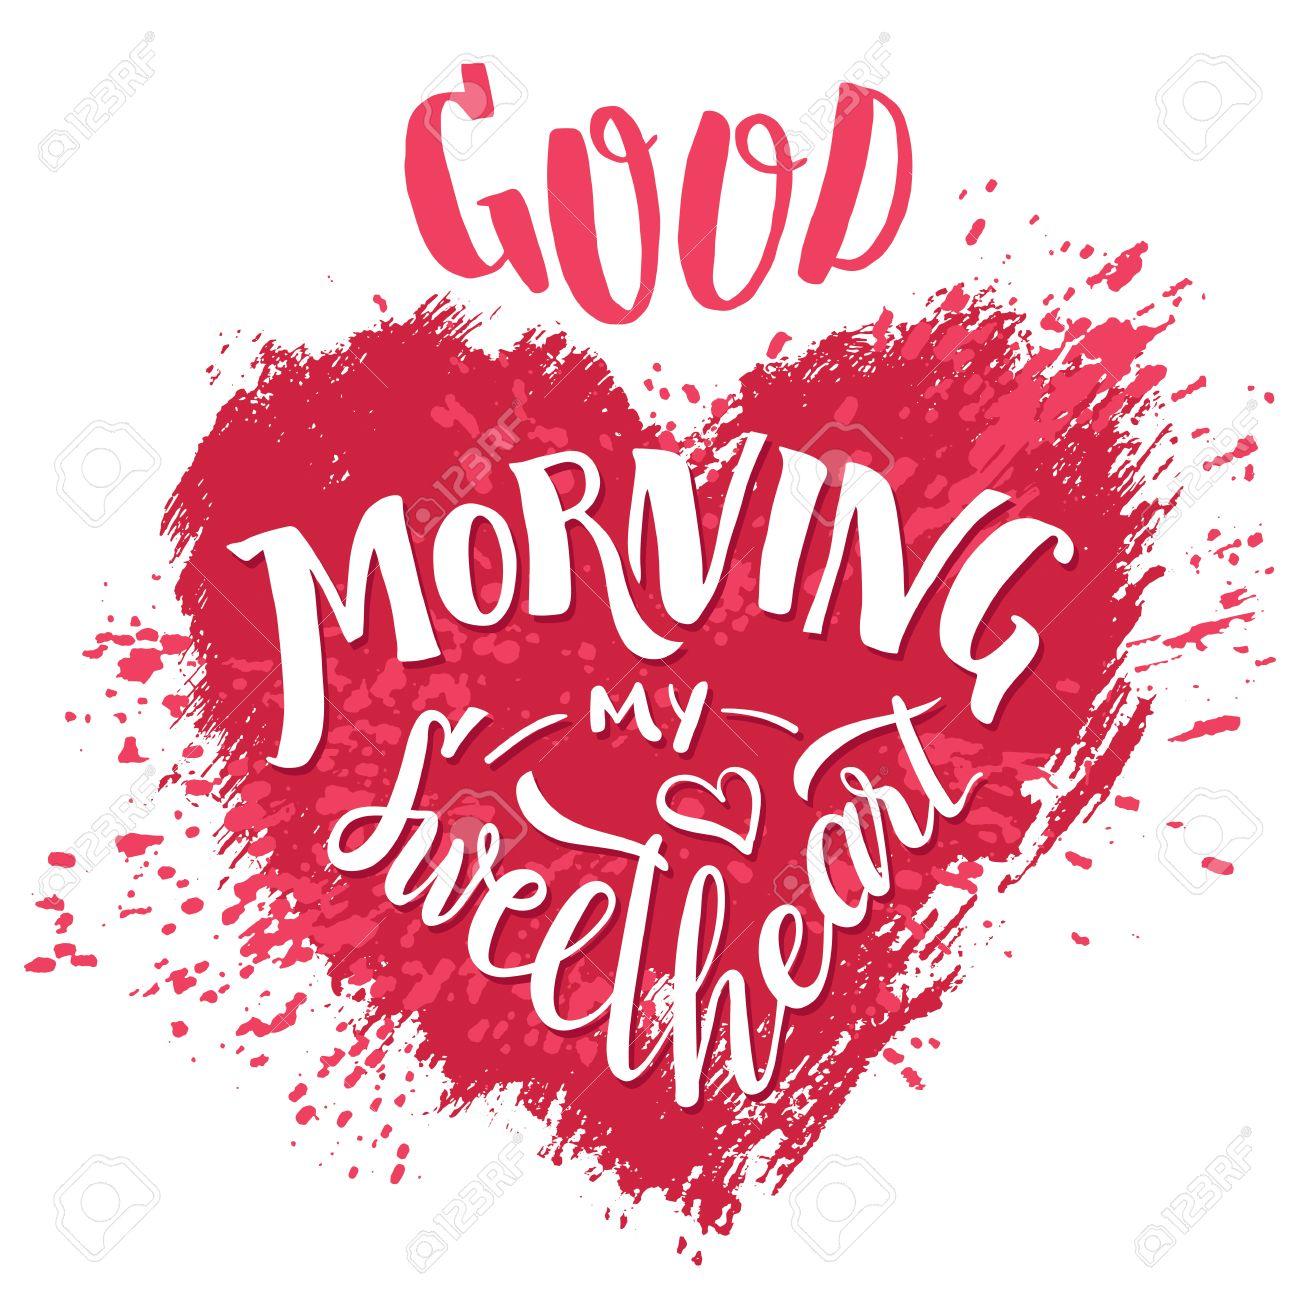 Buenos Días Mi Dulce Corazón Letras De La Mano La Tarjeta De Felicitación Del Día De San Valentín Diseño Del Cartel De La Tipografía Dibujado A